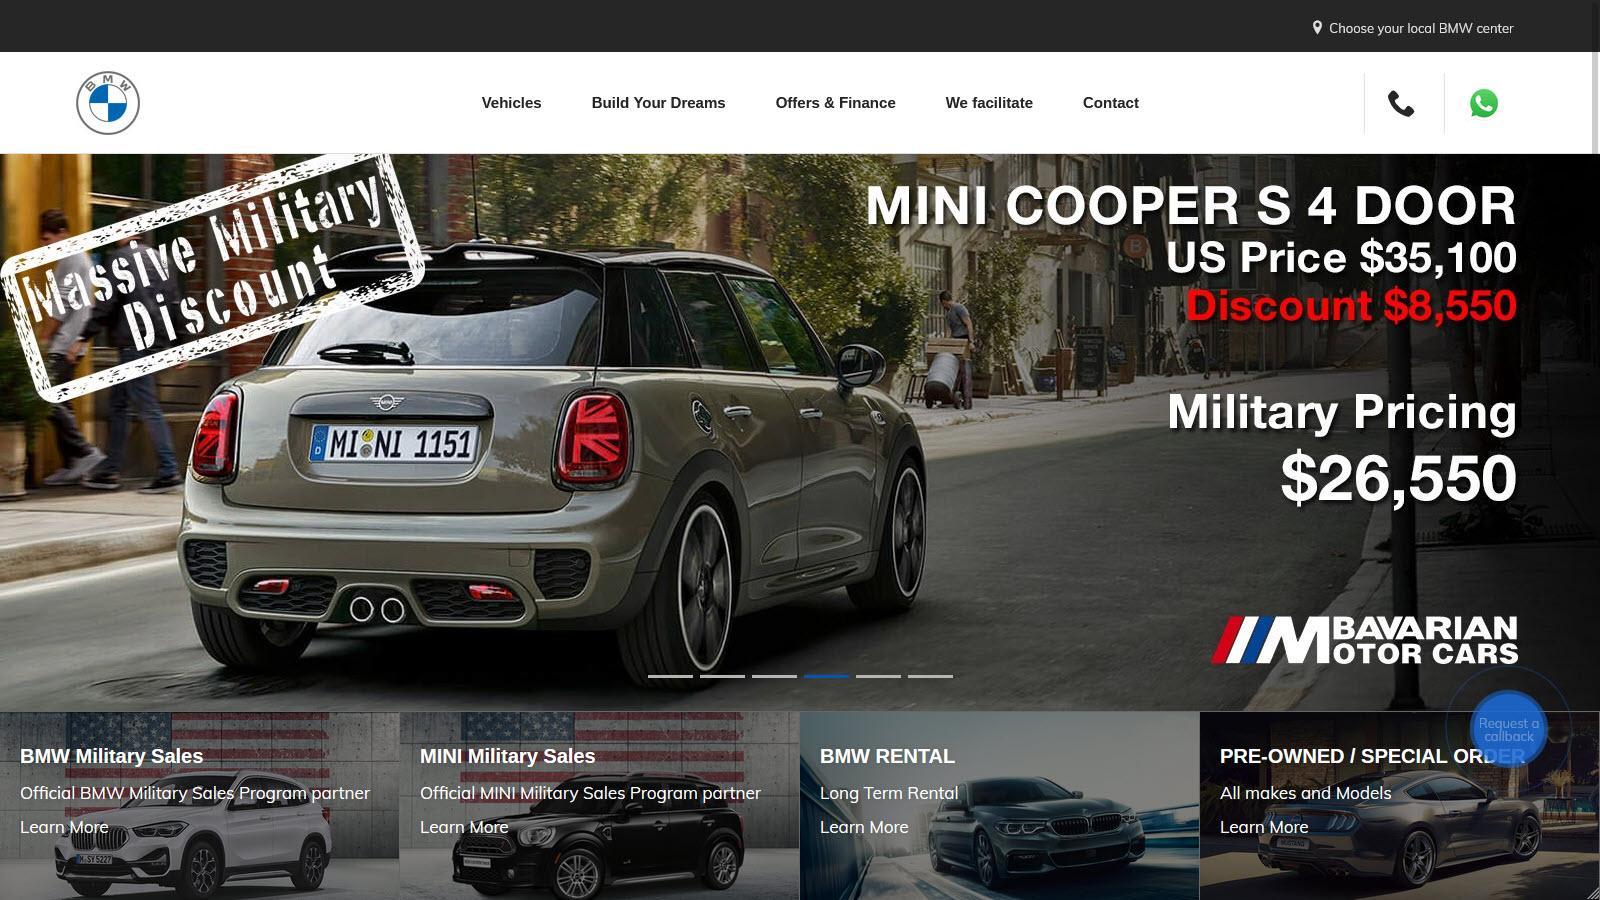 bavarianmotorcars-com